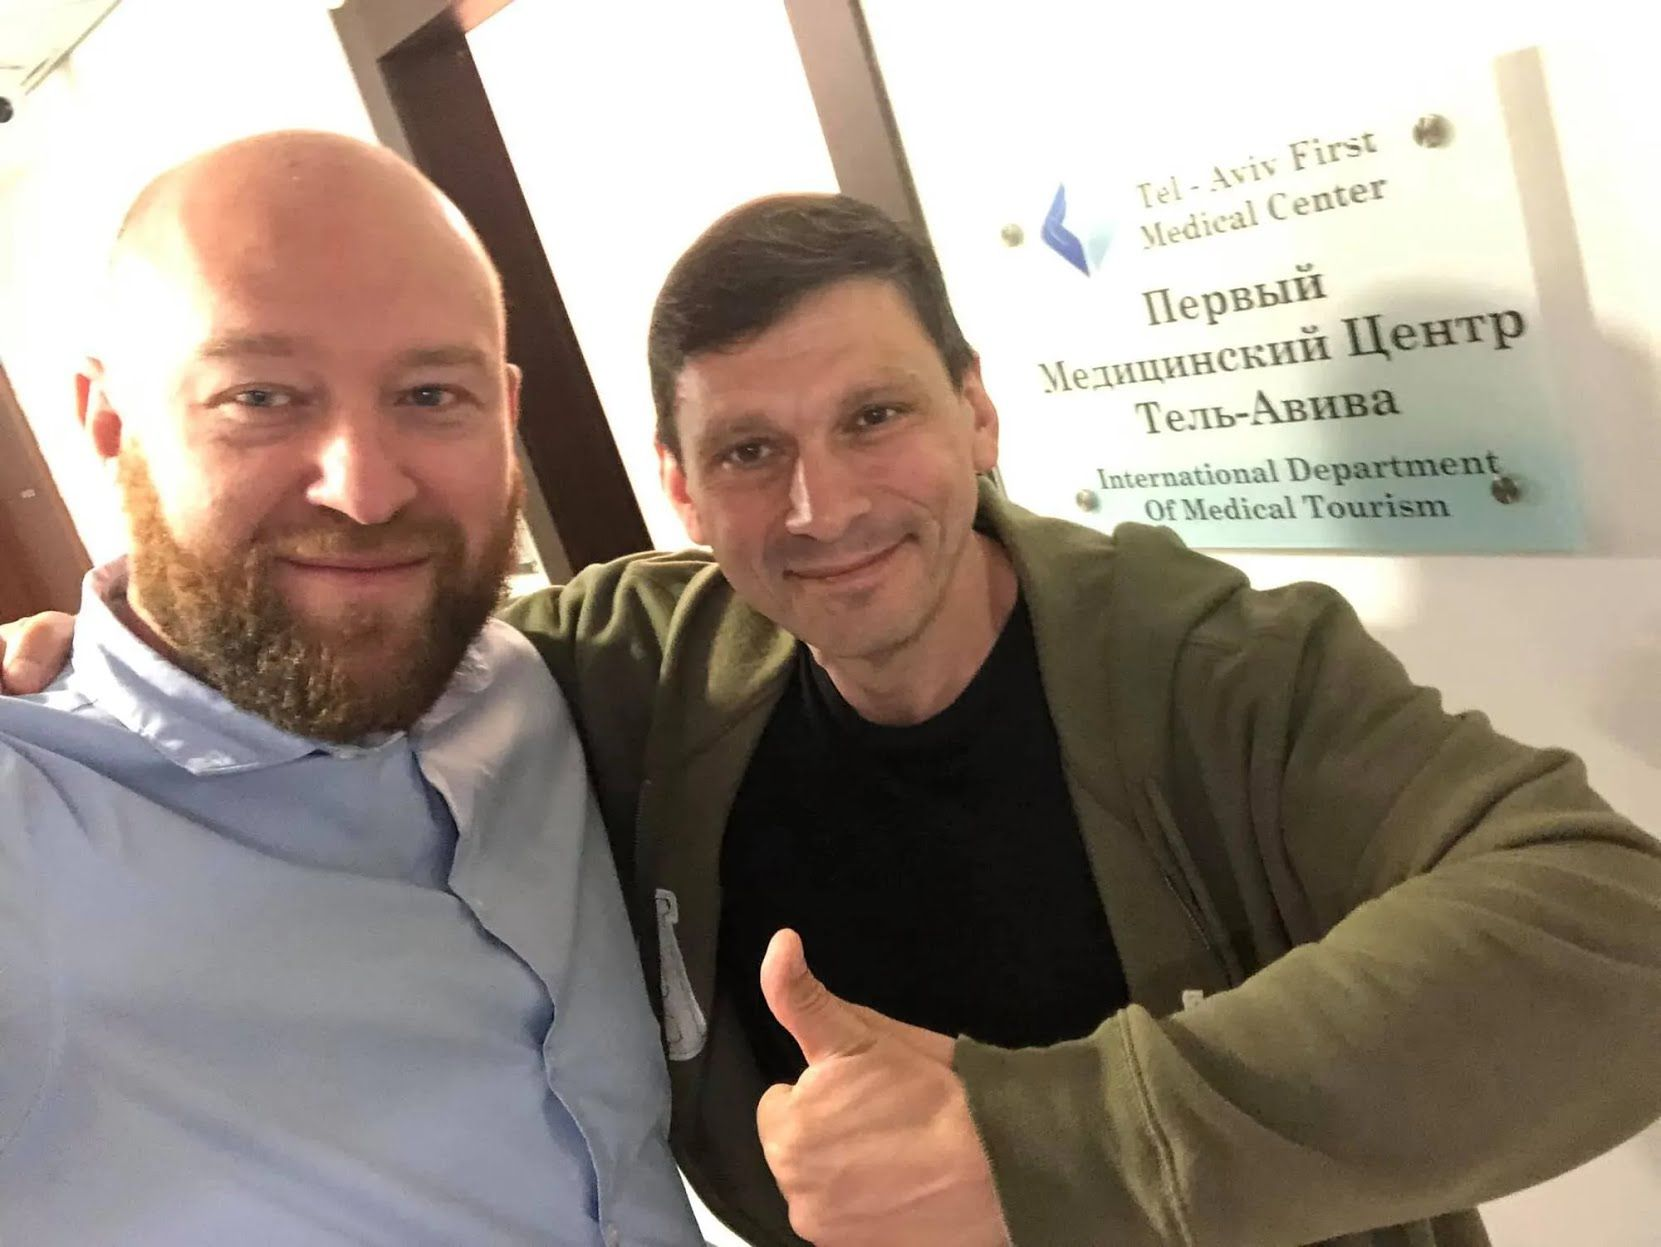 Журналіст Андрій Цаплієнко